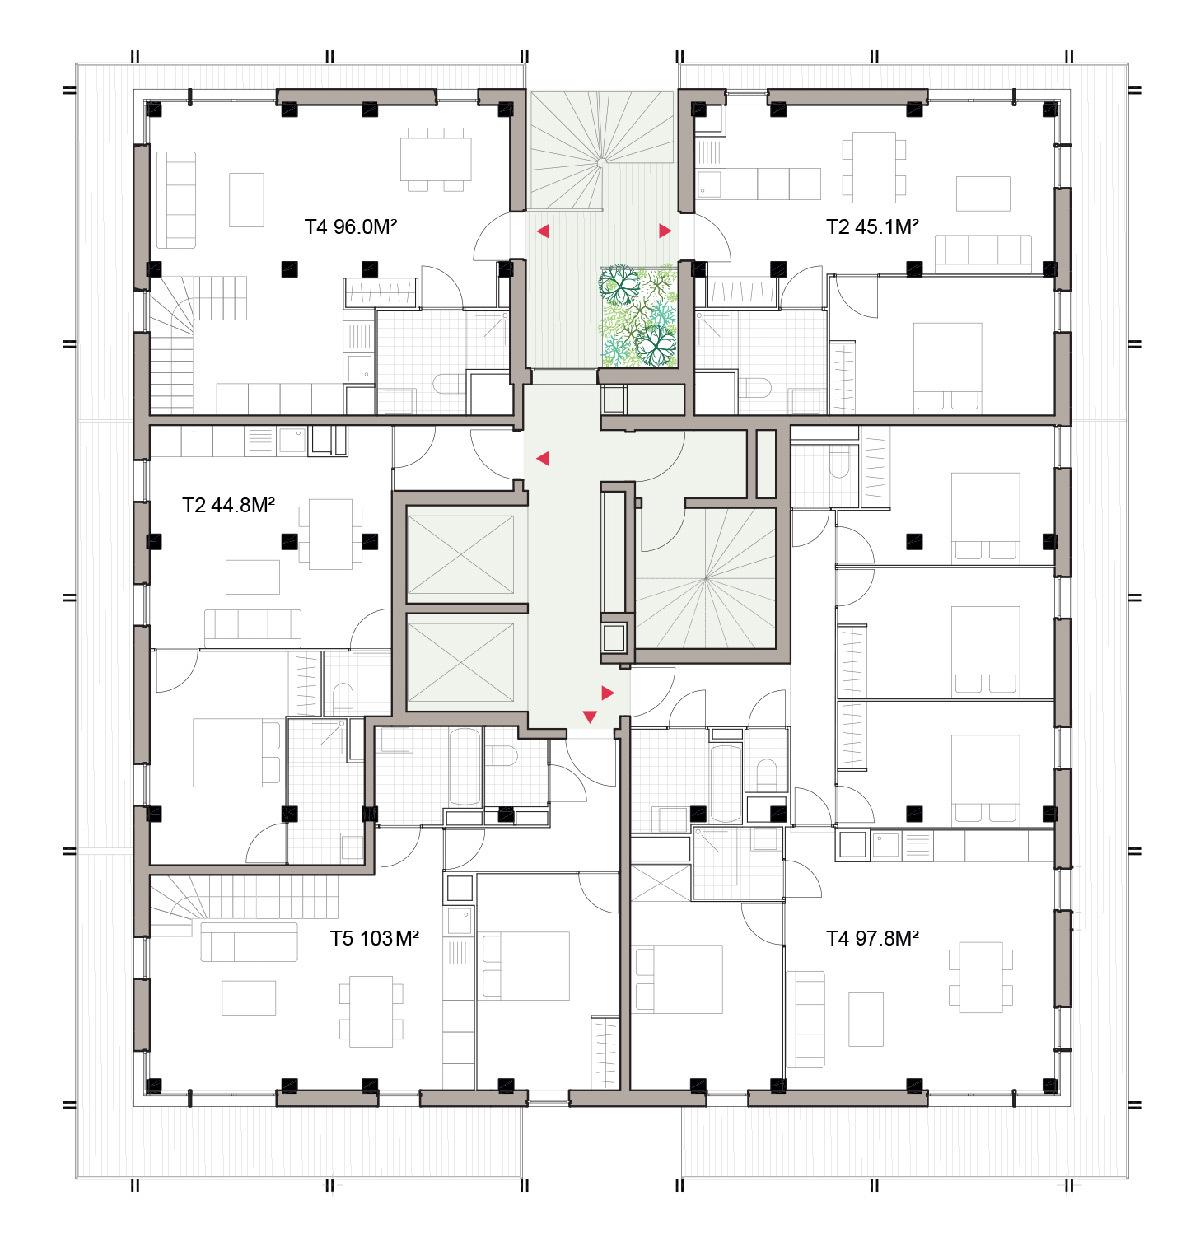 Lot E2-B, plan étage, village des athlètes, Lot E, Jeux de Paris 2024